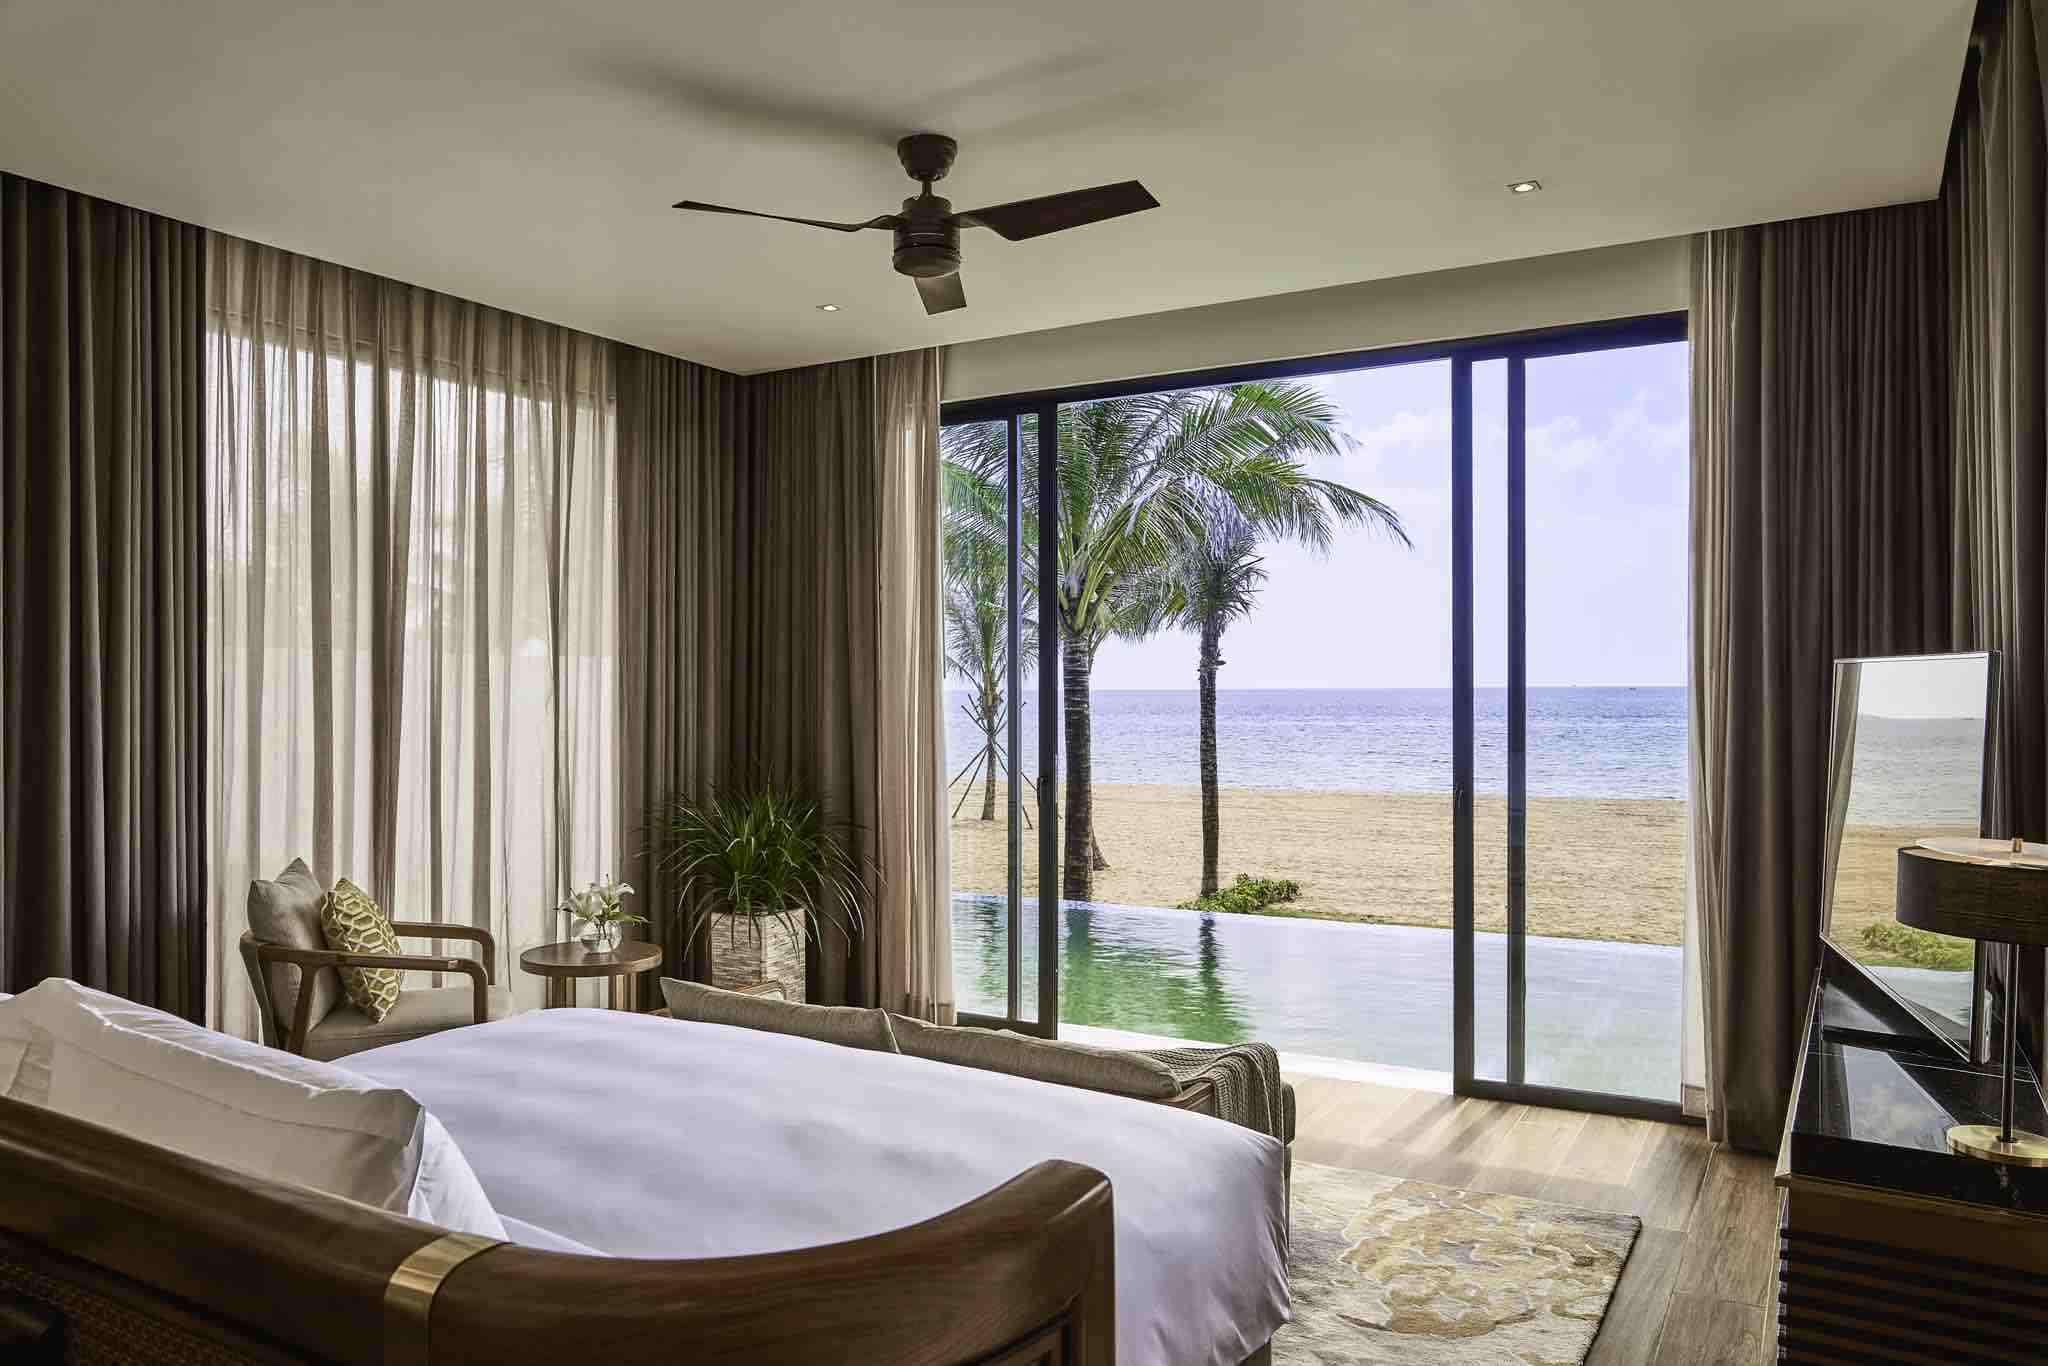 Du khách có thể chọn những phòng nghỉ ngay sát biển